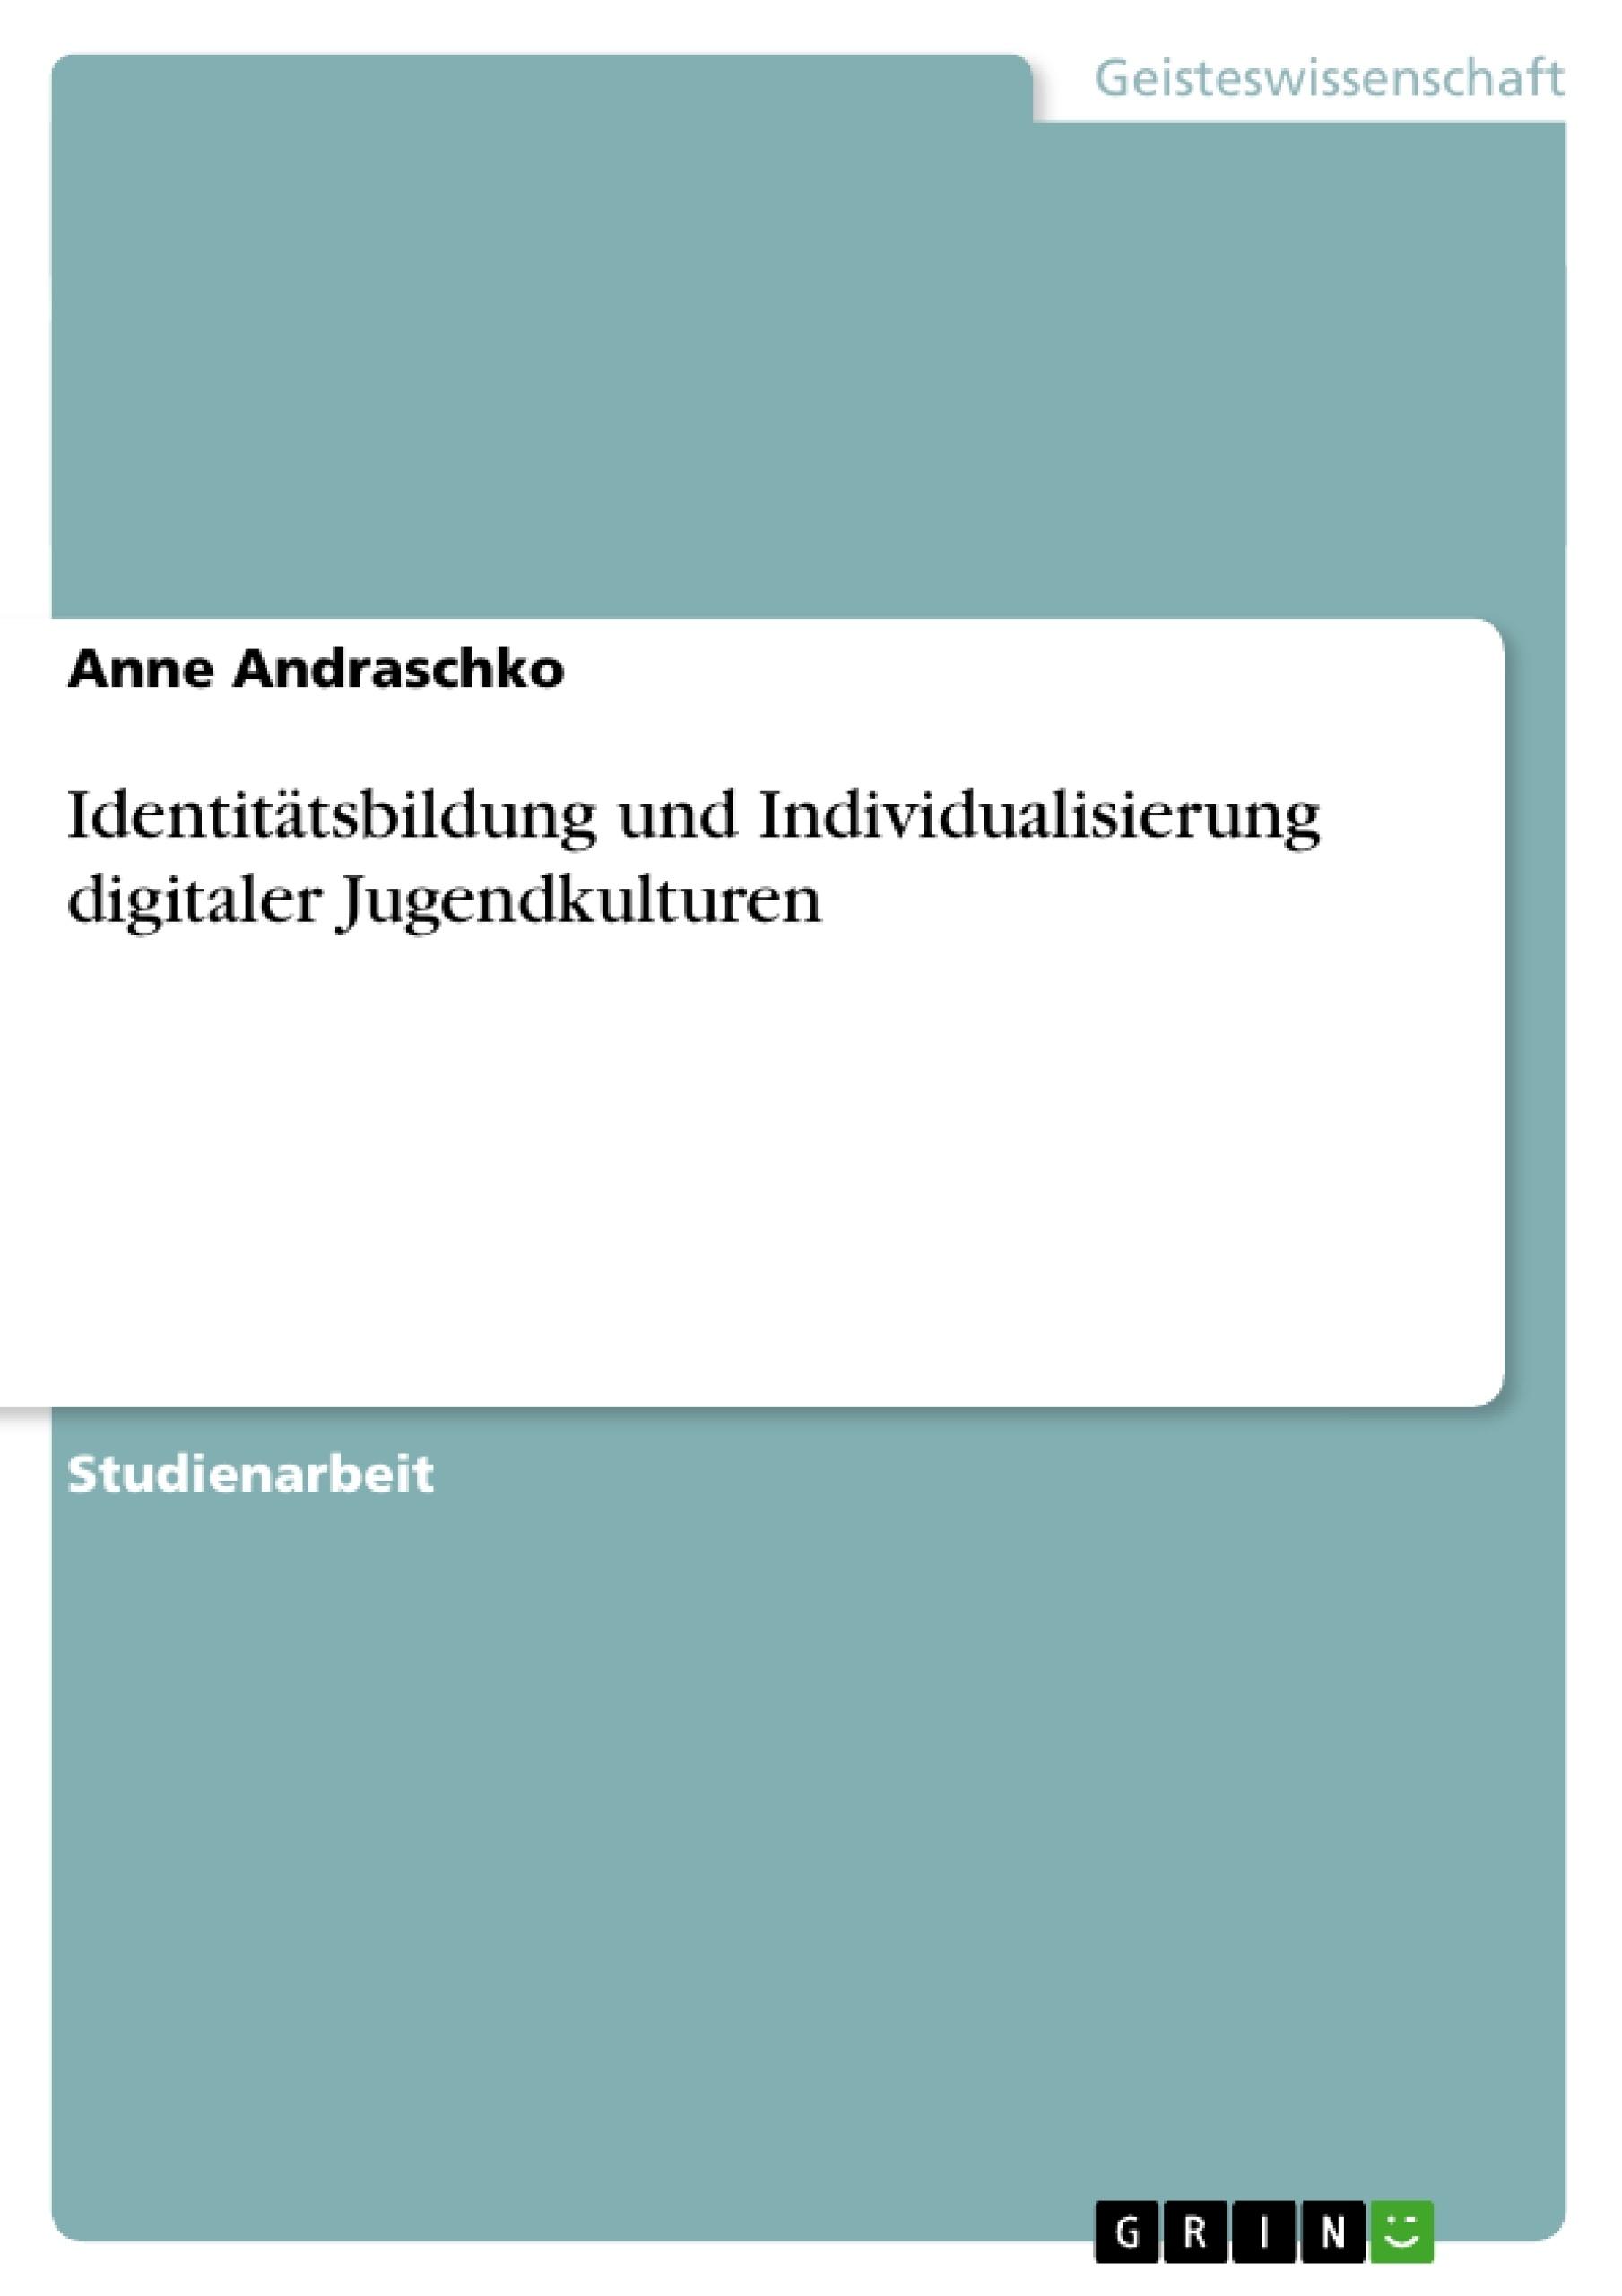 Titel: Identitätsbildung und Individualisierung digitaler Jugendkulturen